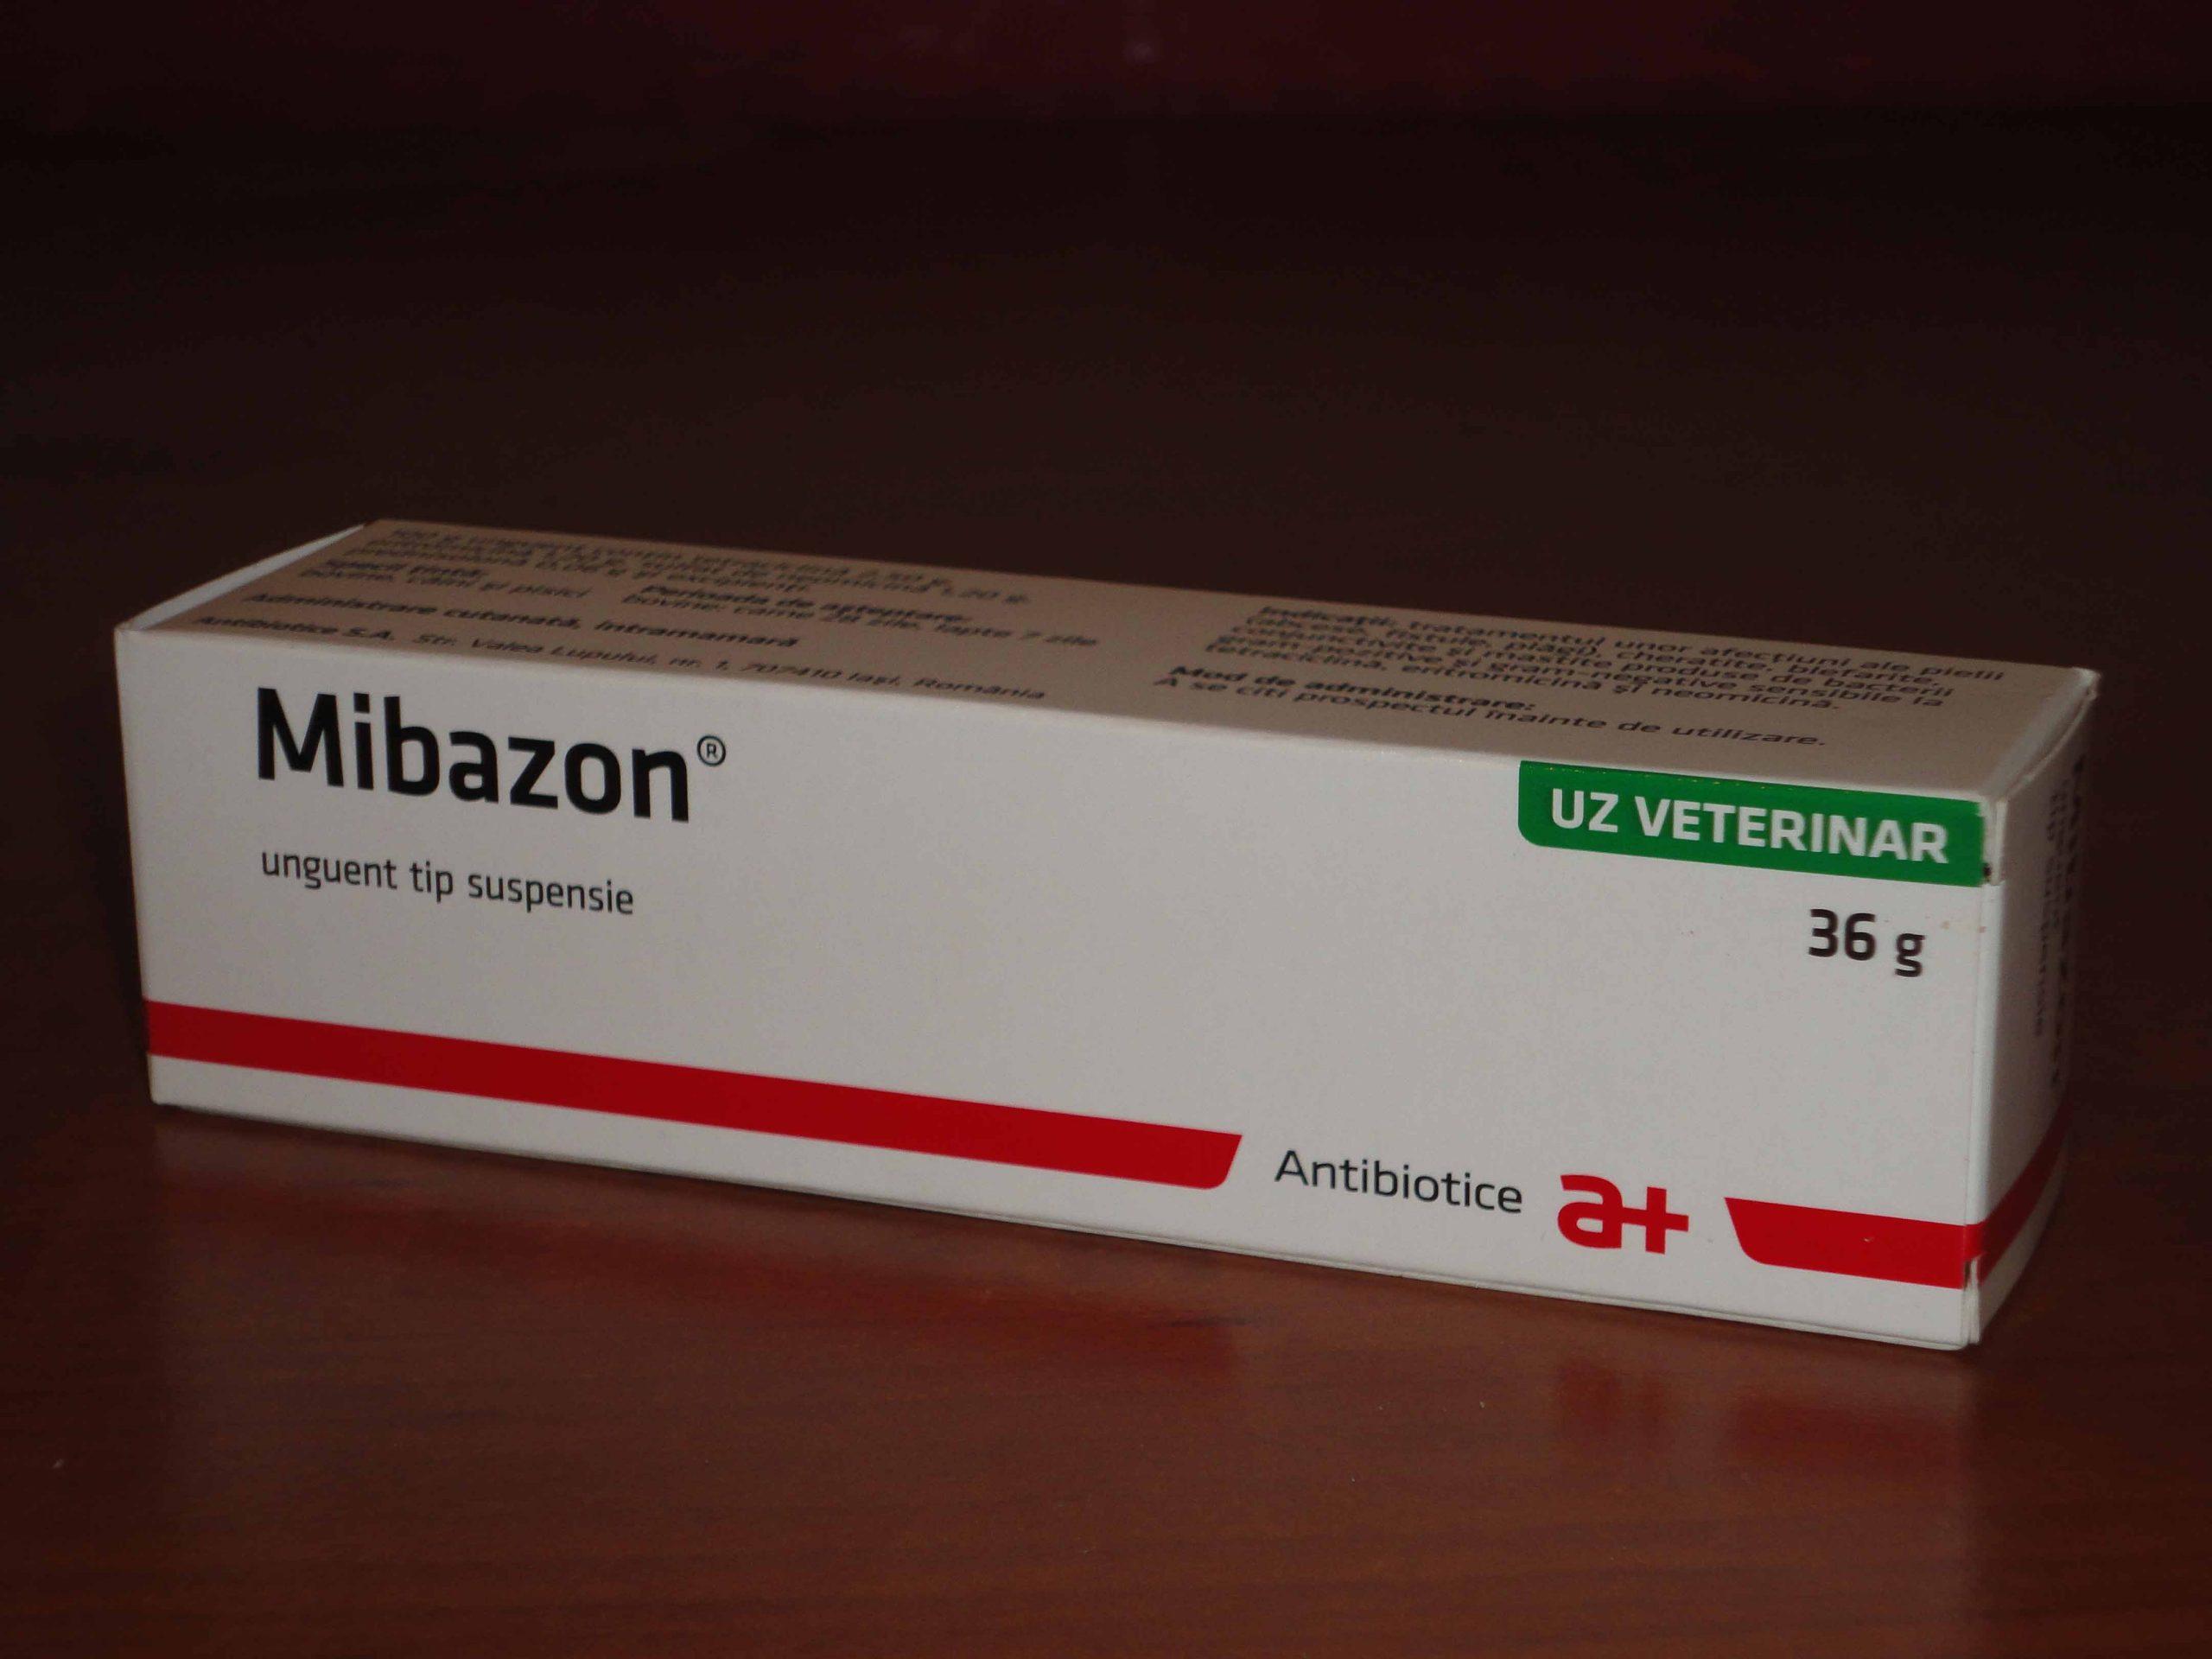 Mibazon